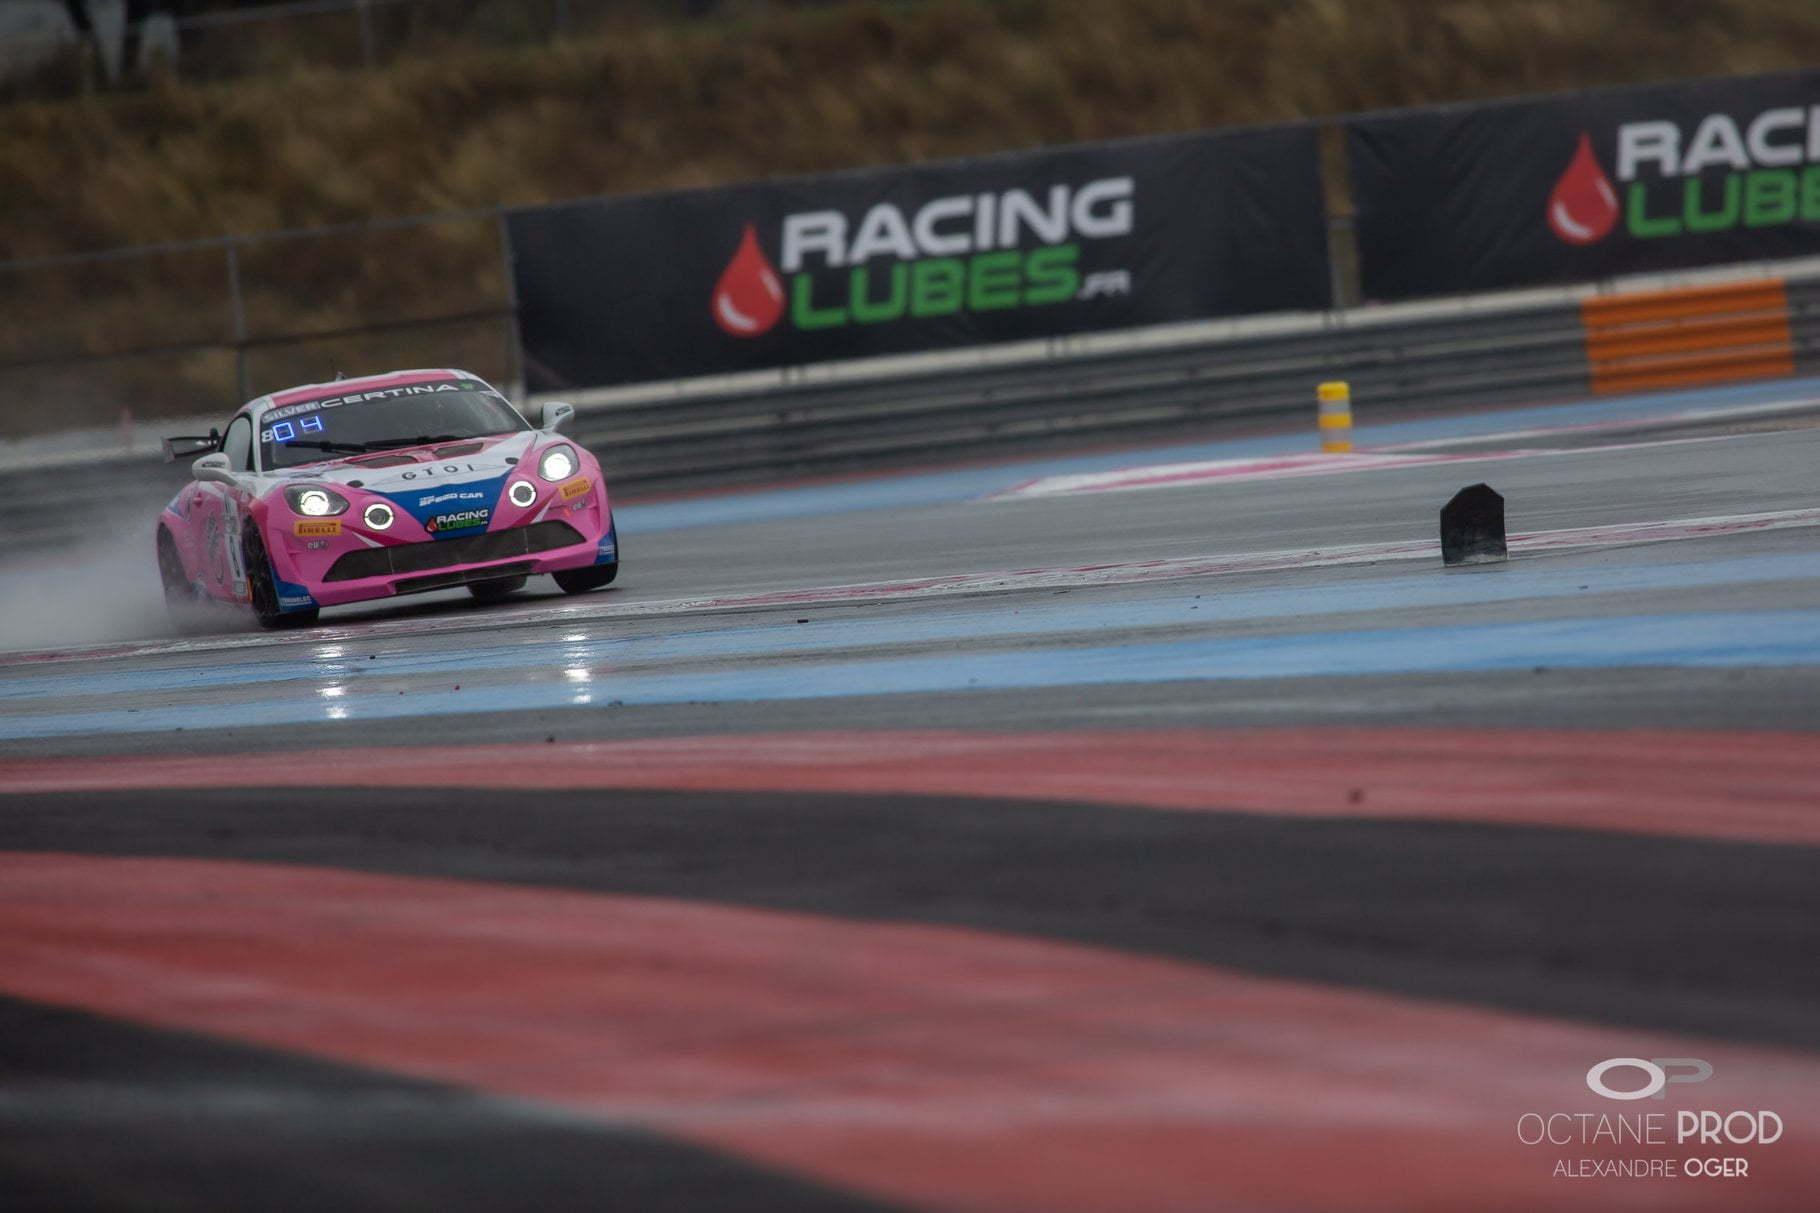 Alpine A110 GT4 FFSA GT Castellet Paul Ricard 2020 3 | Alpine A110 GT4 : Première victoire de Mirage Racing au Castellet en FFSA GT 2020